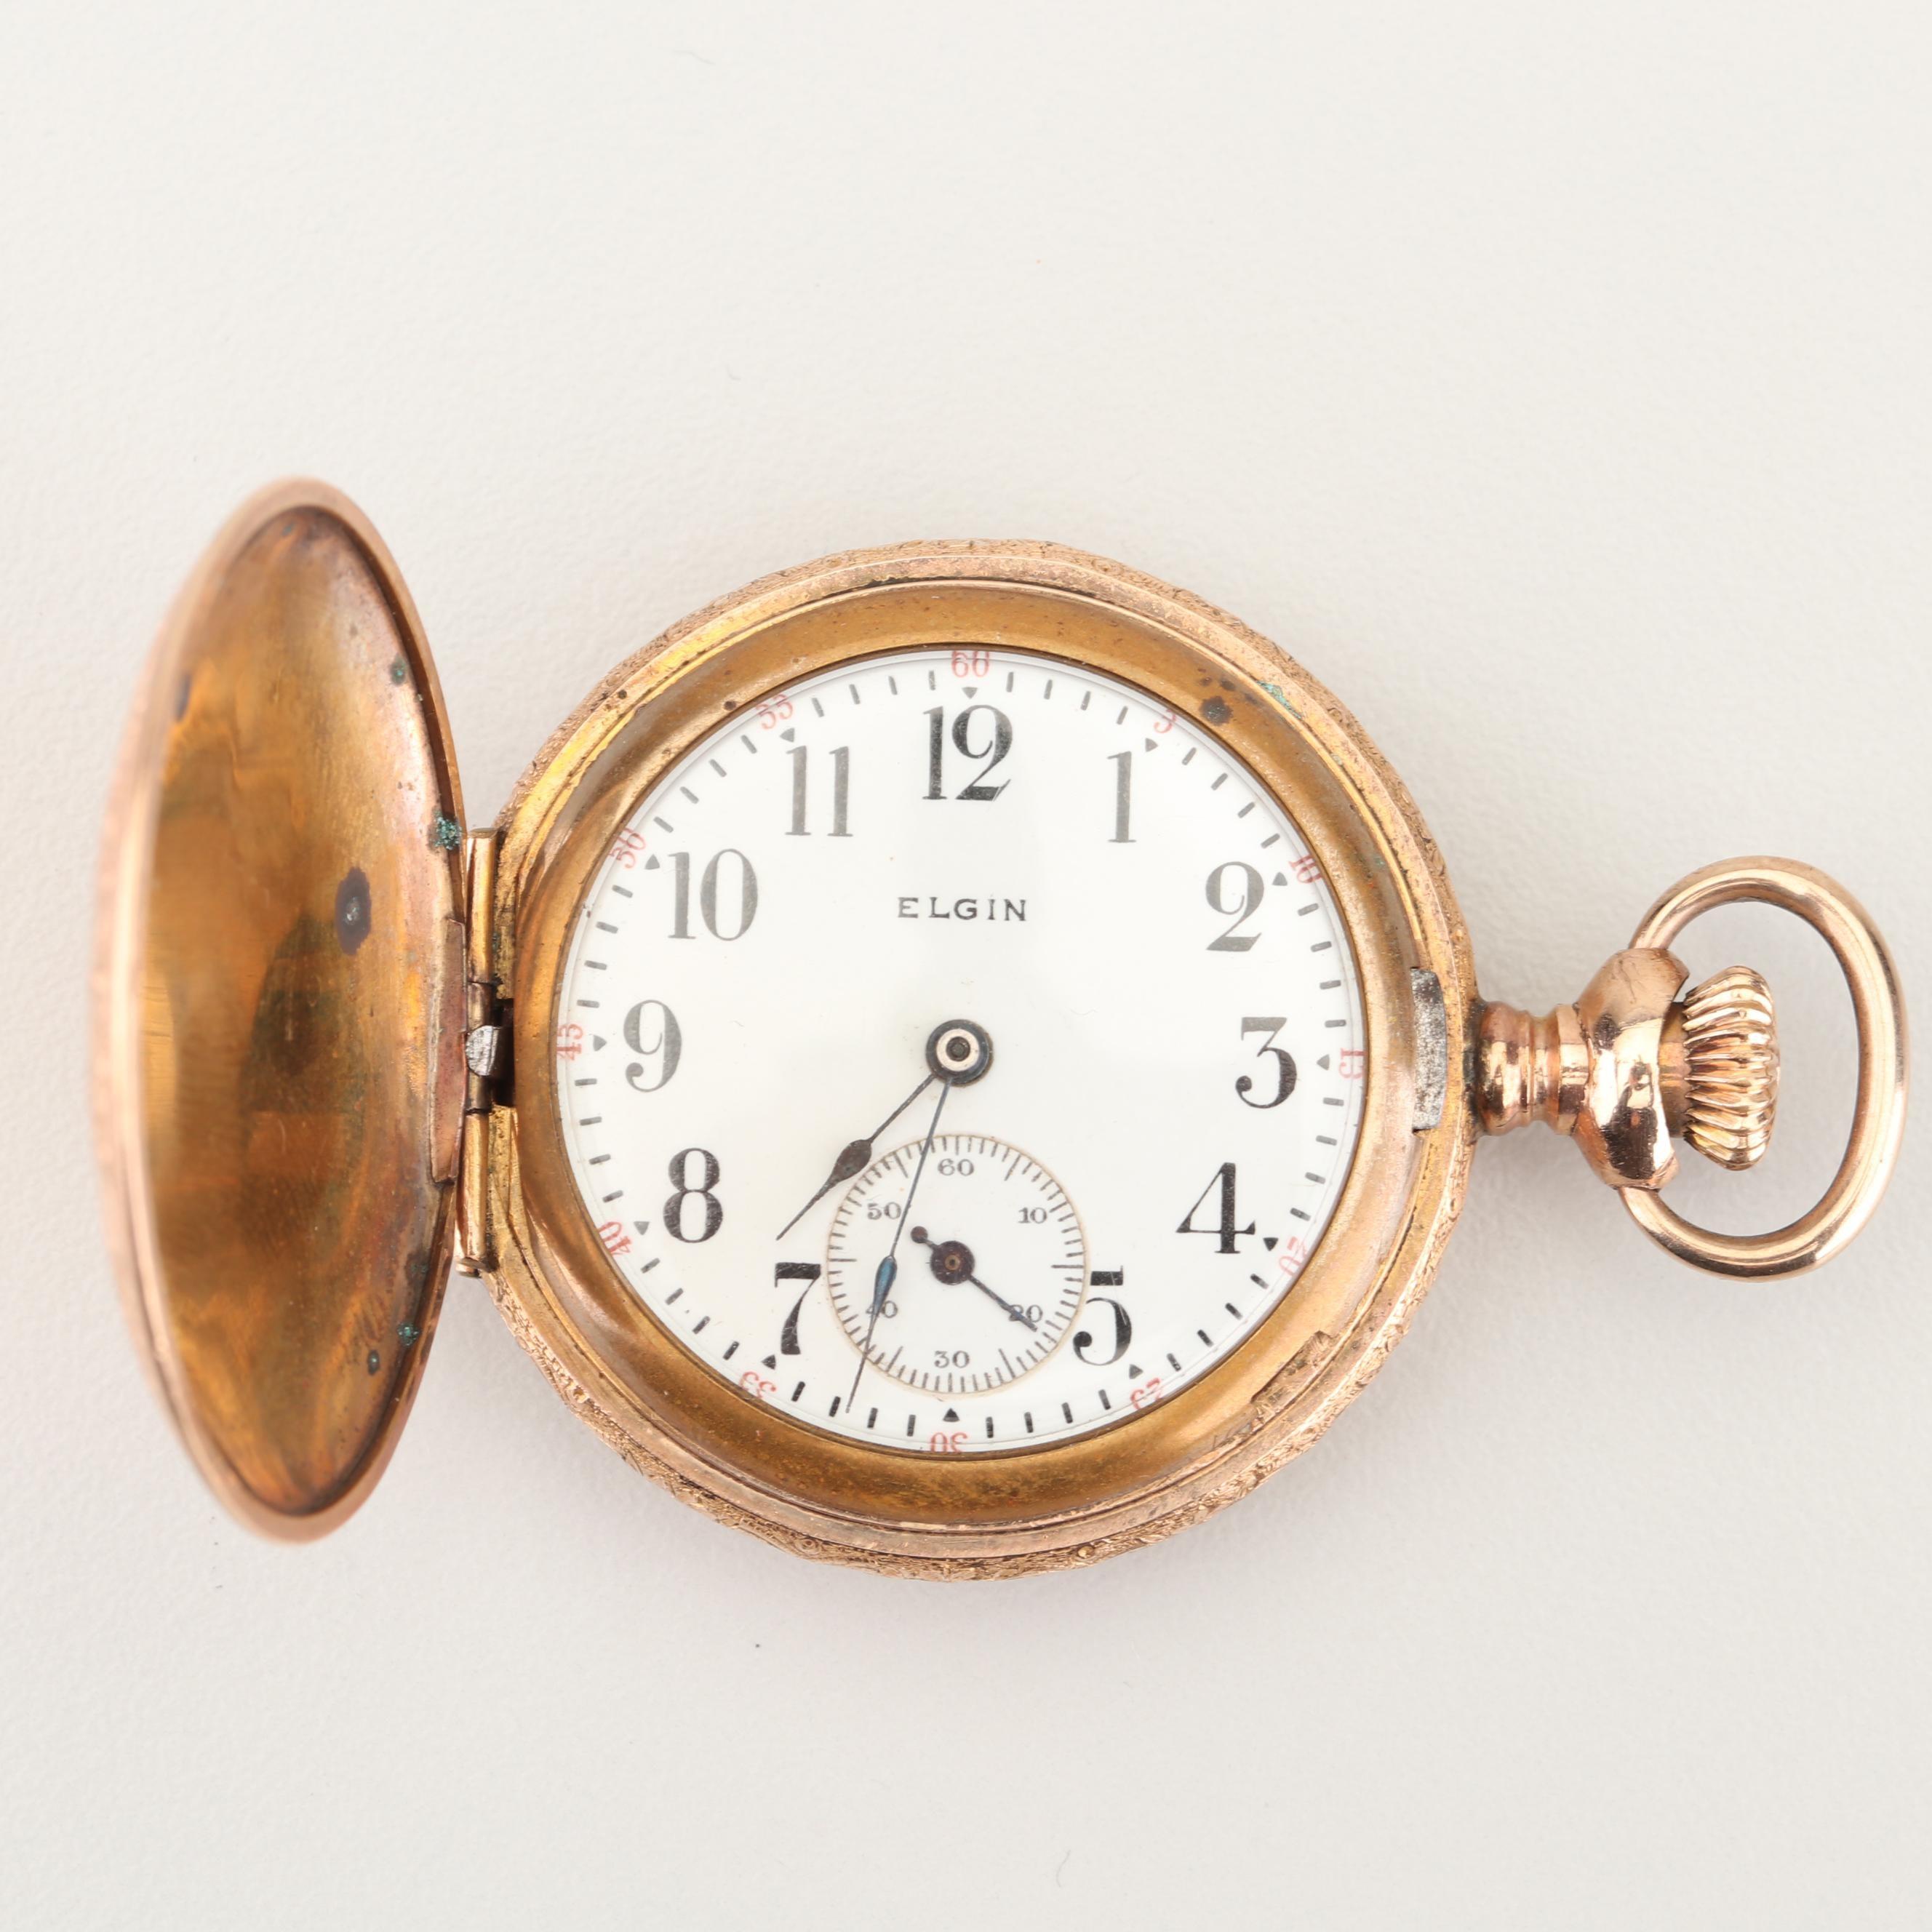 Antique Elgin Floral Motif Engraved Pocket Watch